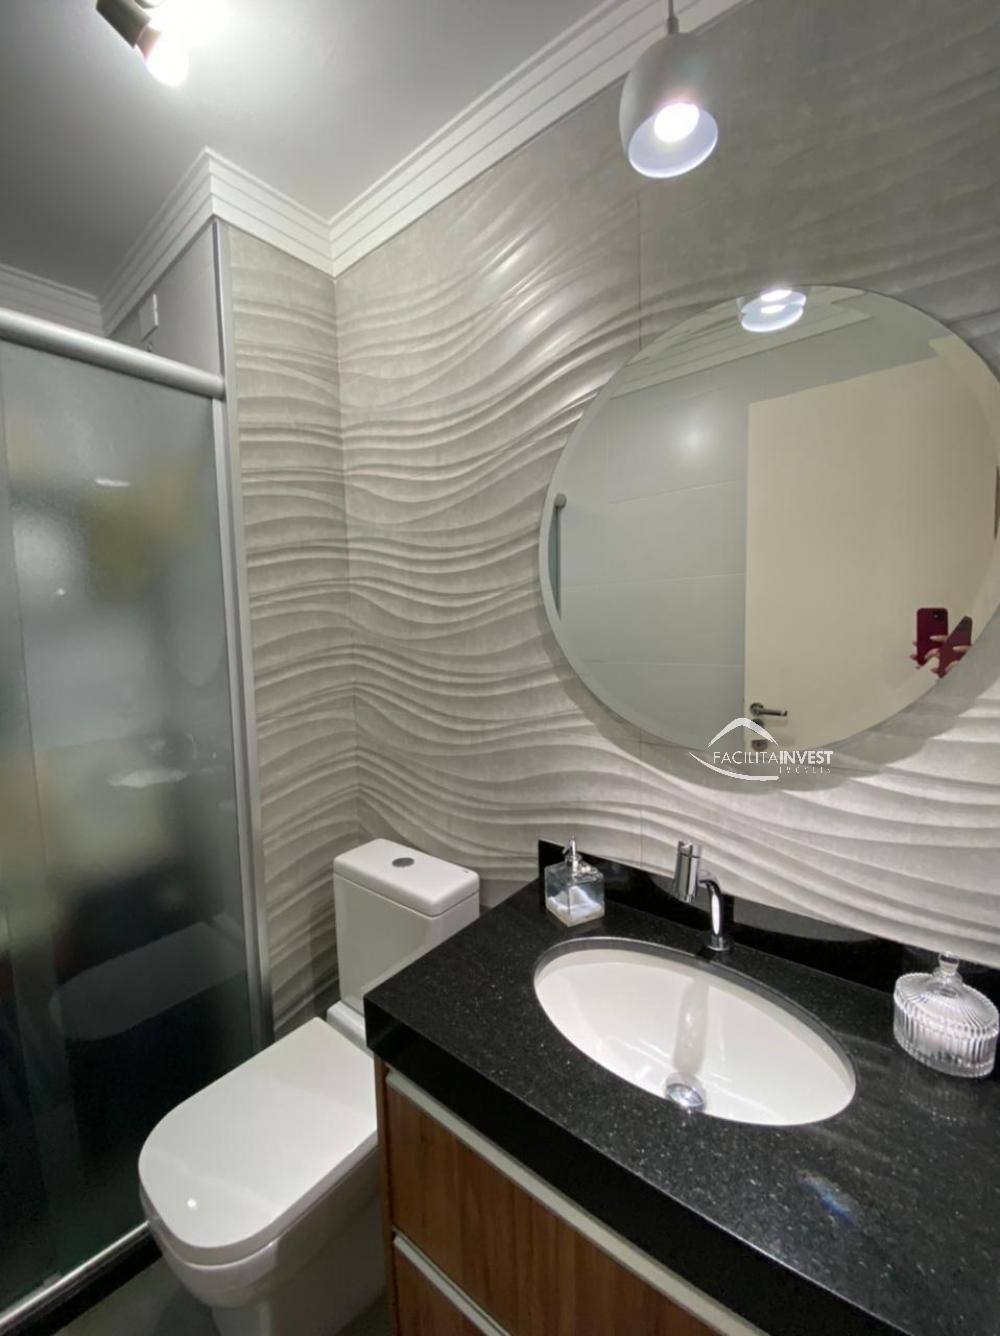 Comprar Apartamentos / Apart. Padrão em Ribeirão Preto R$ 560.000,00 - Foto 14